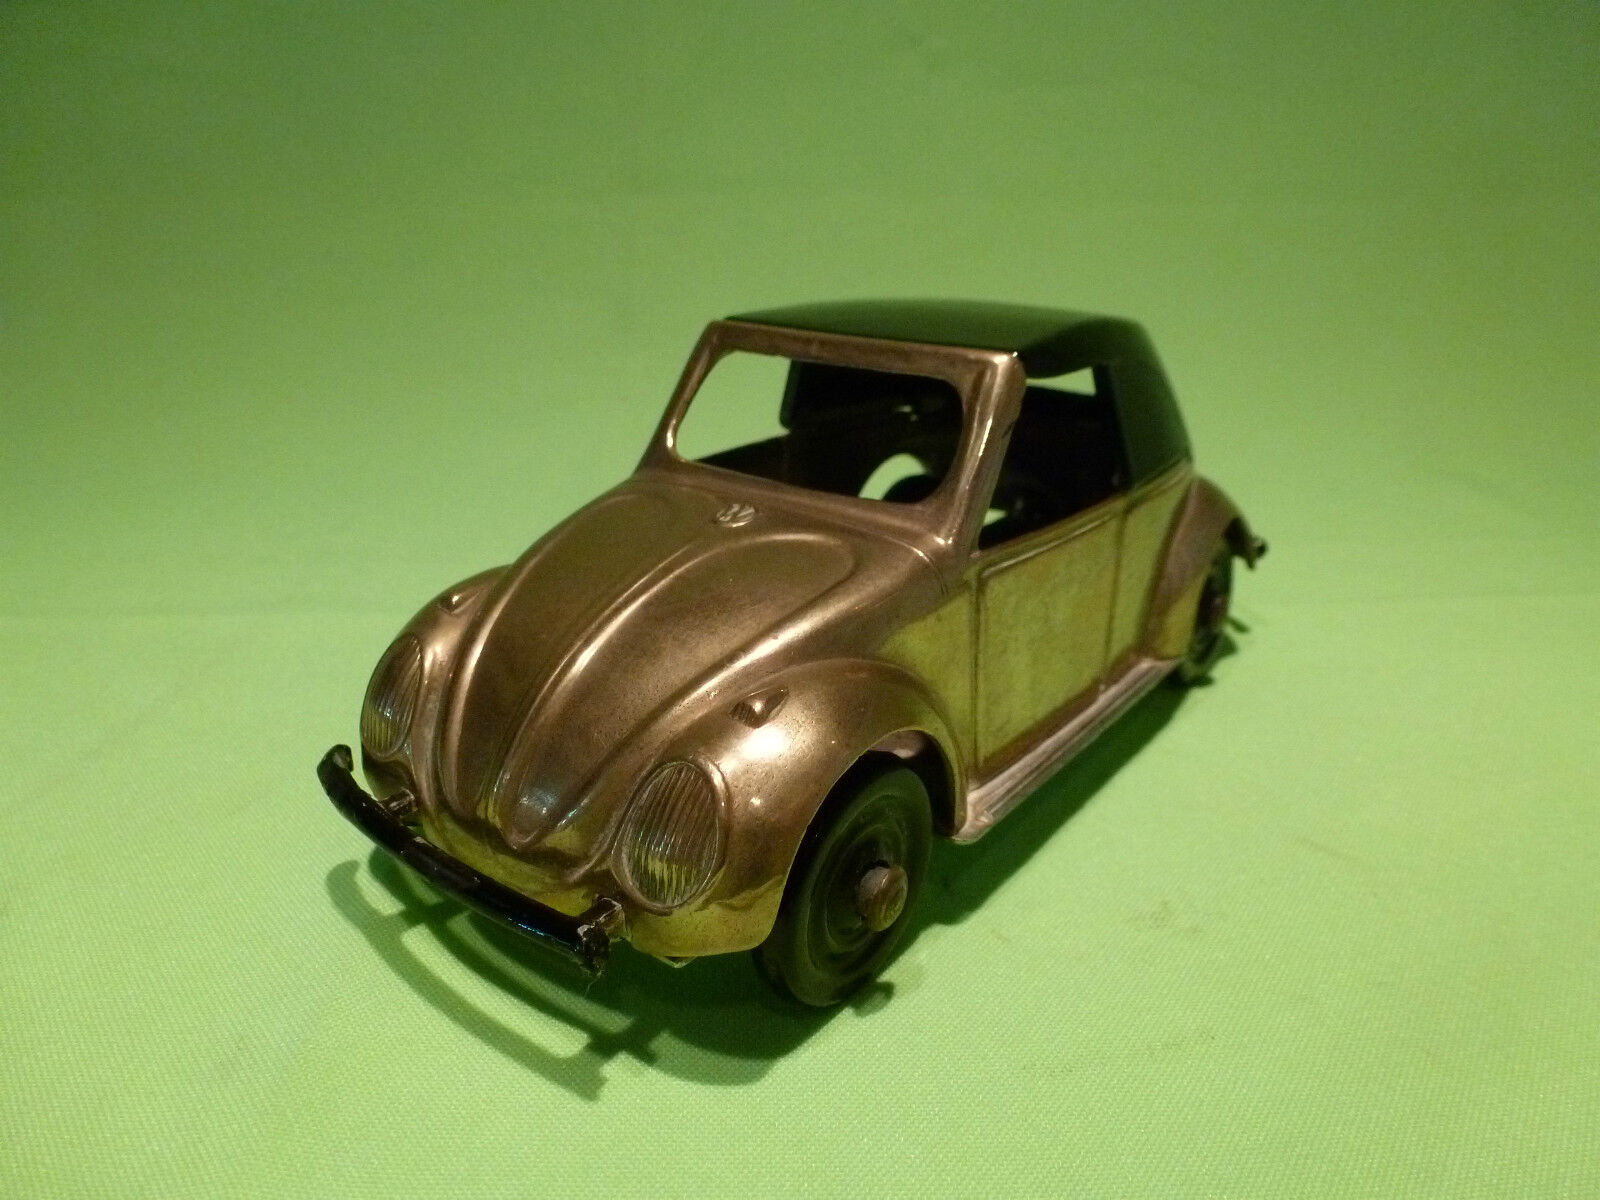 TIN TOYS METAL VW VOLKSWAGEN KAEFER CONVERTIBLE  RARE SELTEN VERY GOOD CONDITION